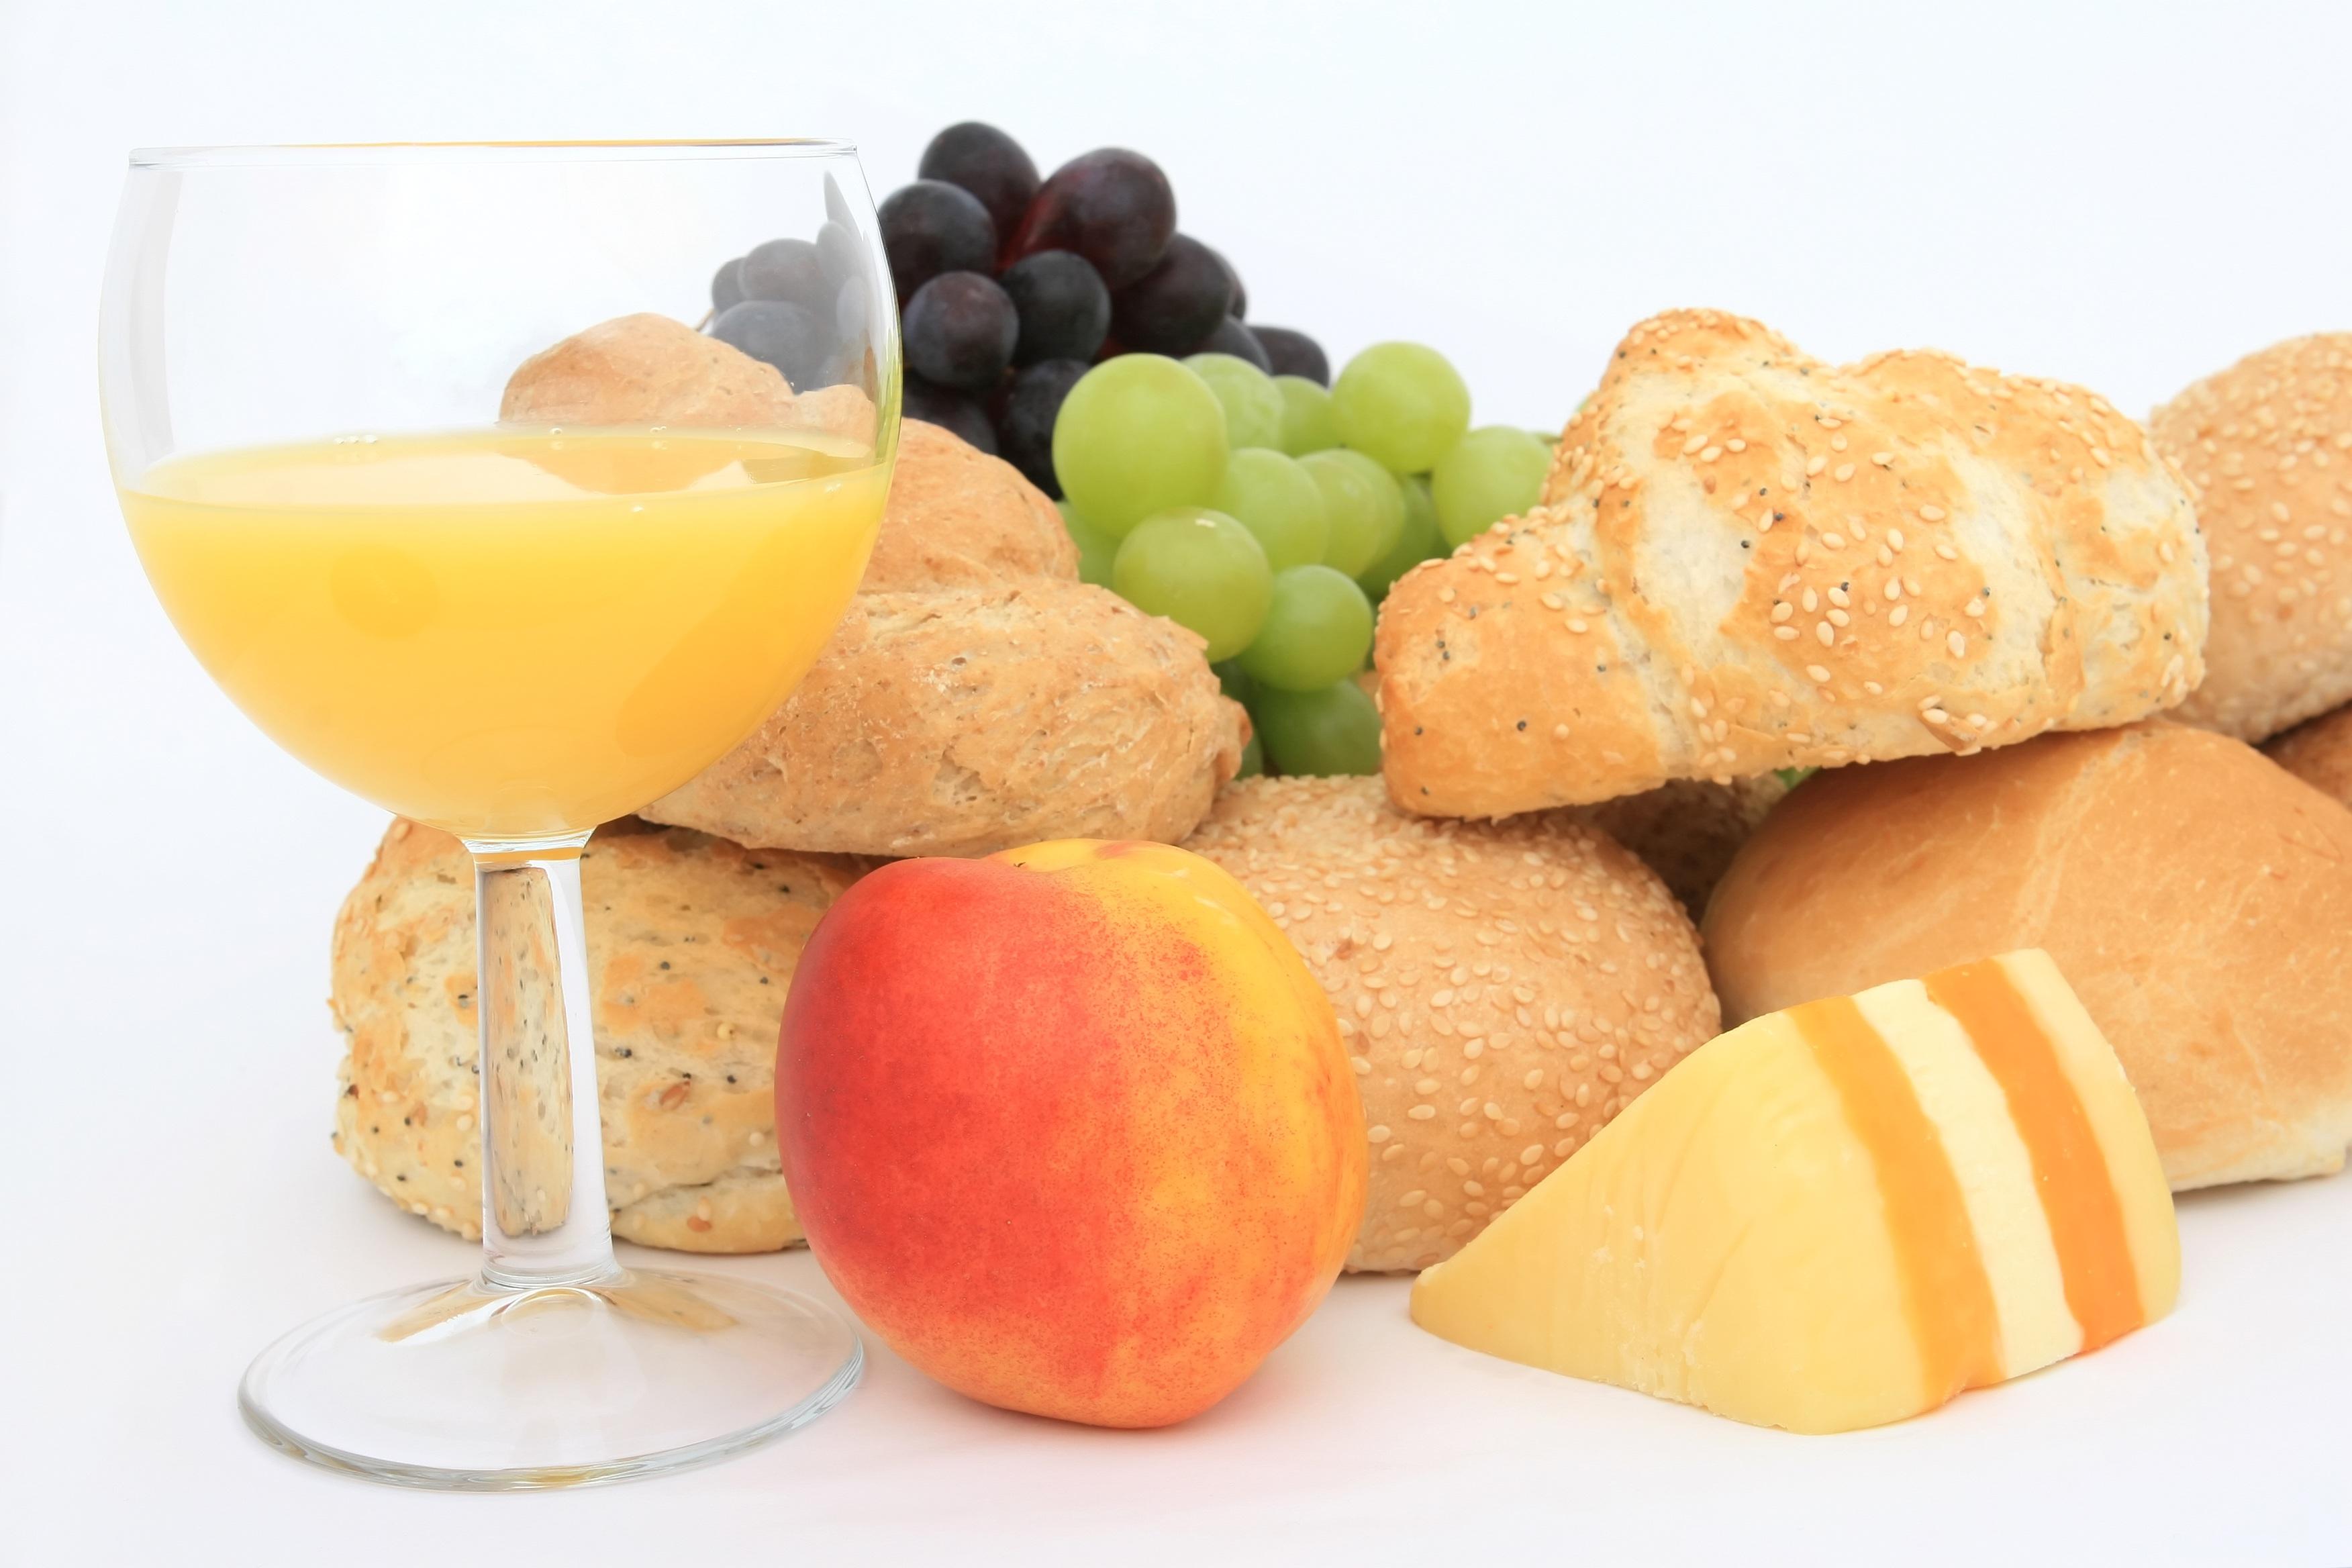 Free Images White Grain Fruit Isolated Orange Dish